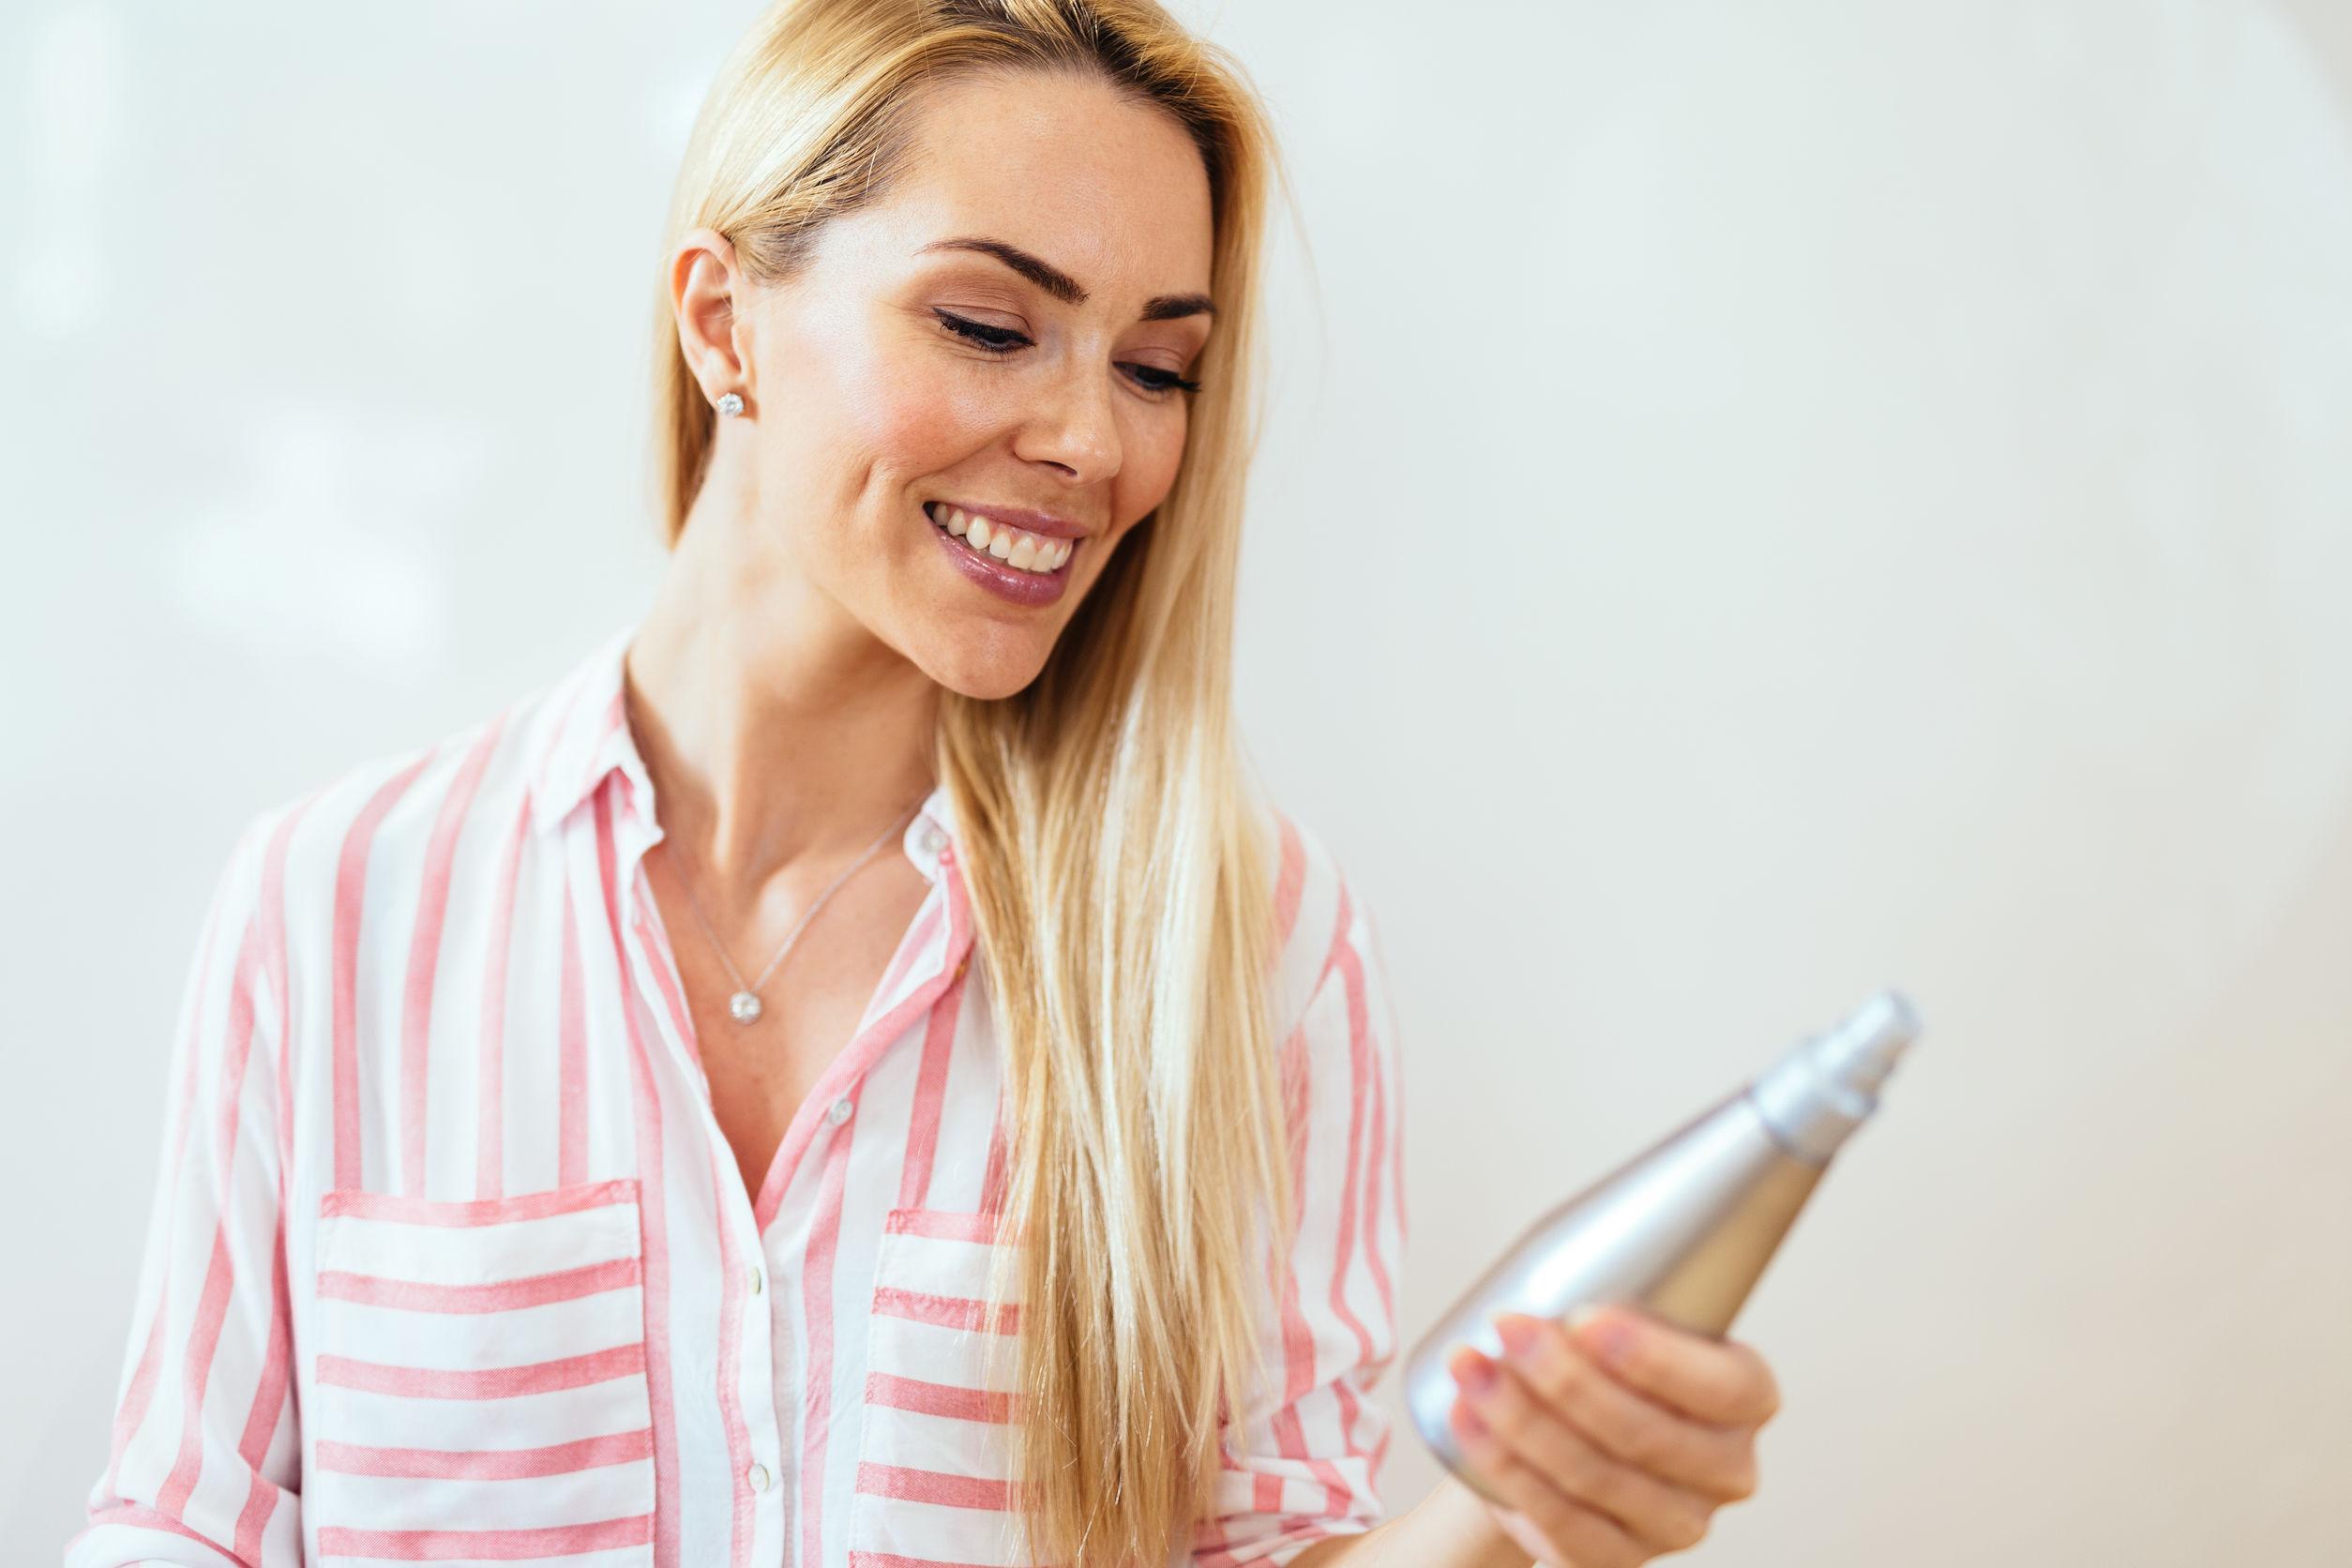 Donna che sorride con un prodotto in mano